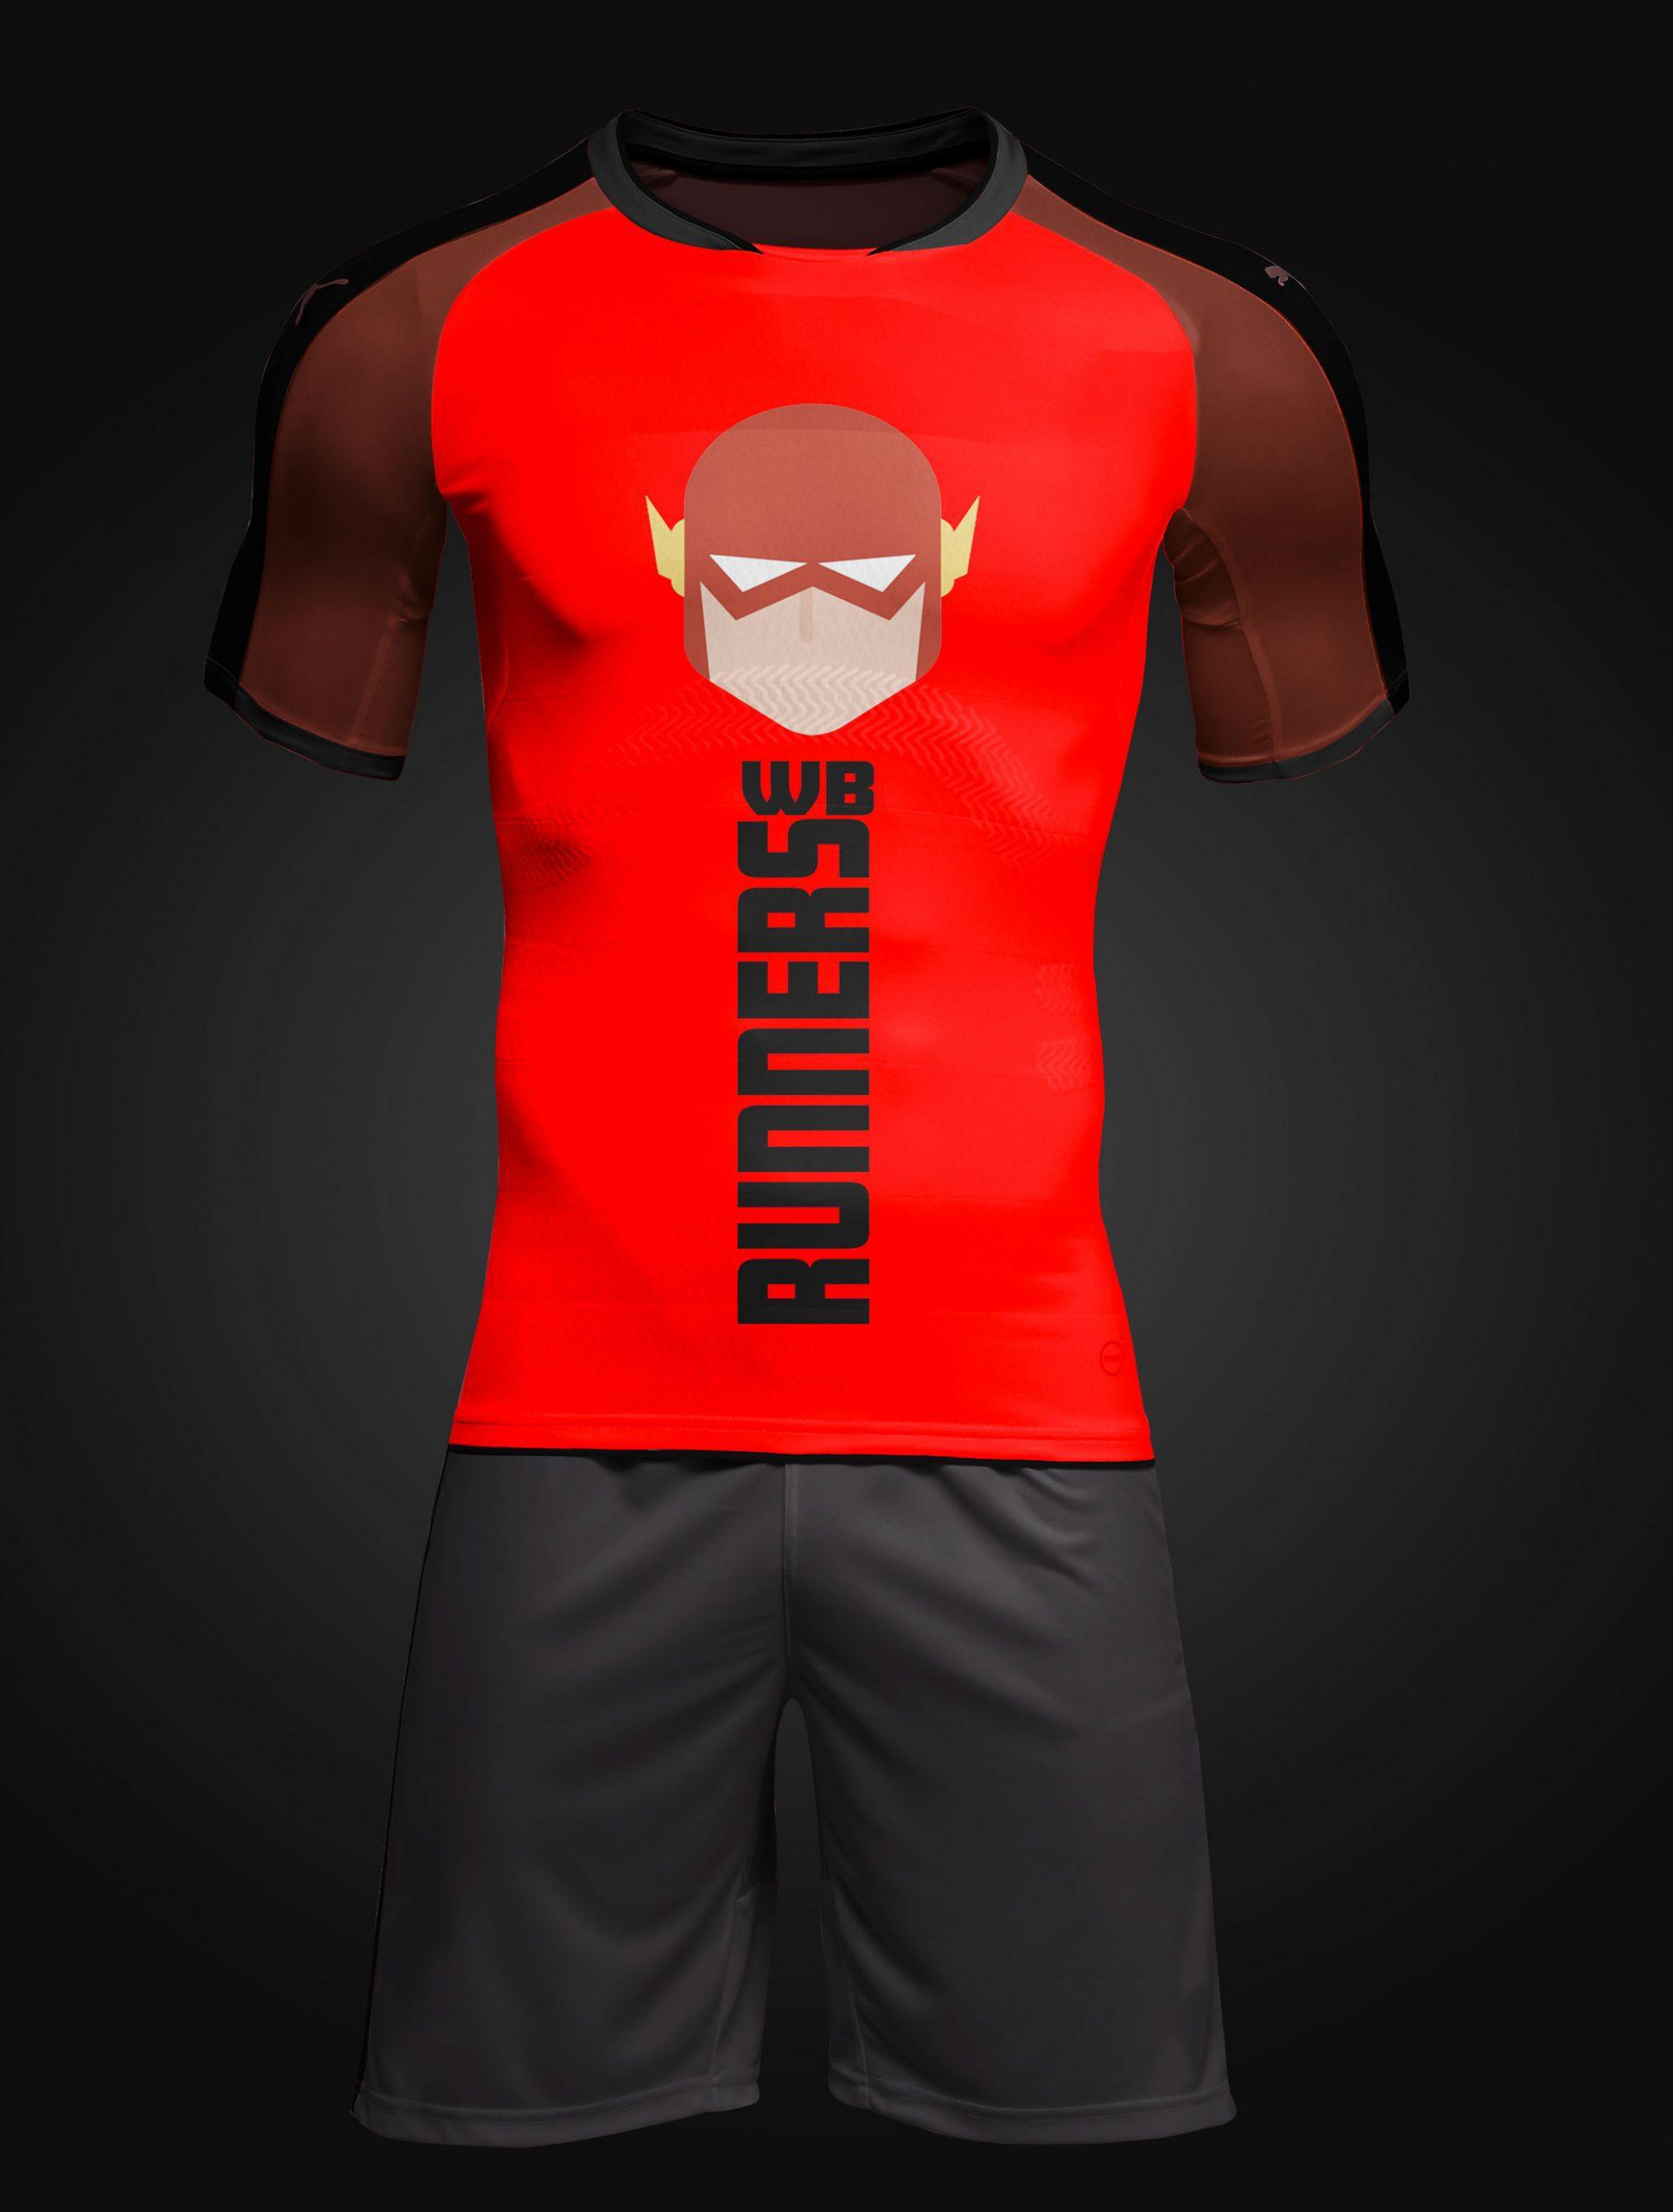 camiseta-de-corrida-WB-Runners_02-qpix-creative-minds